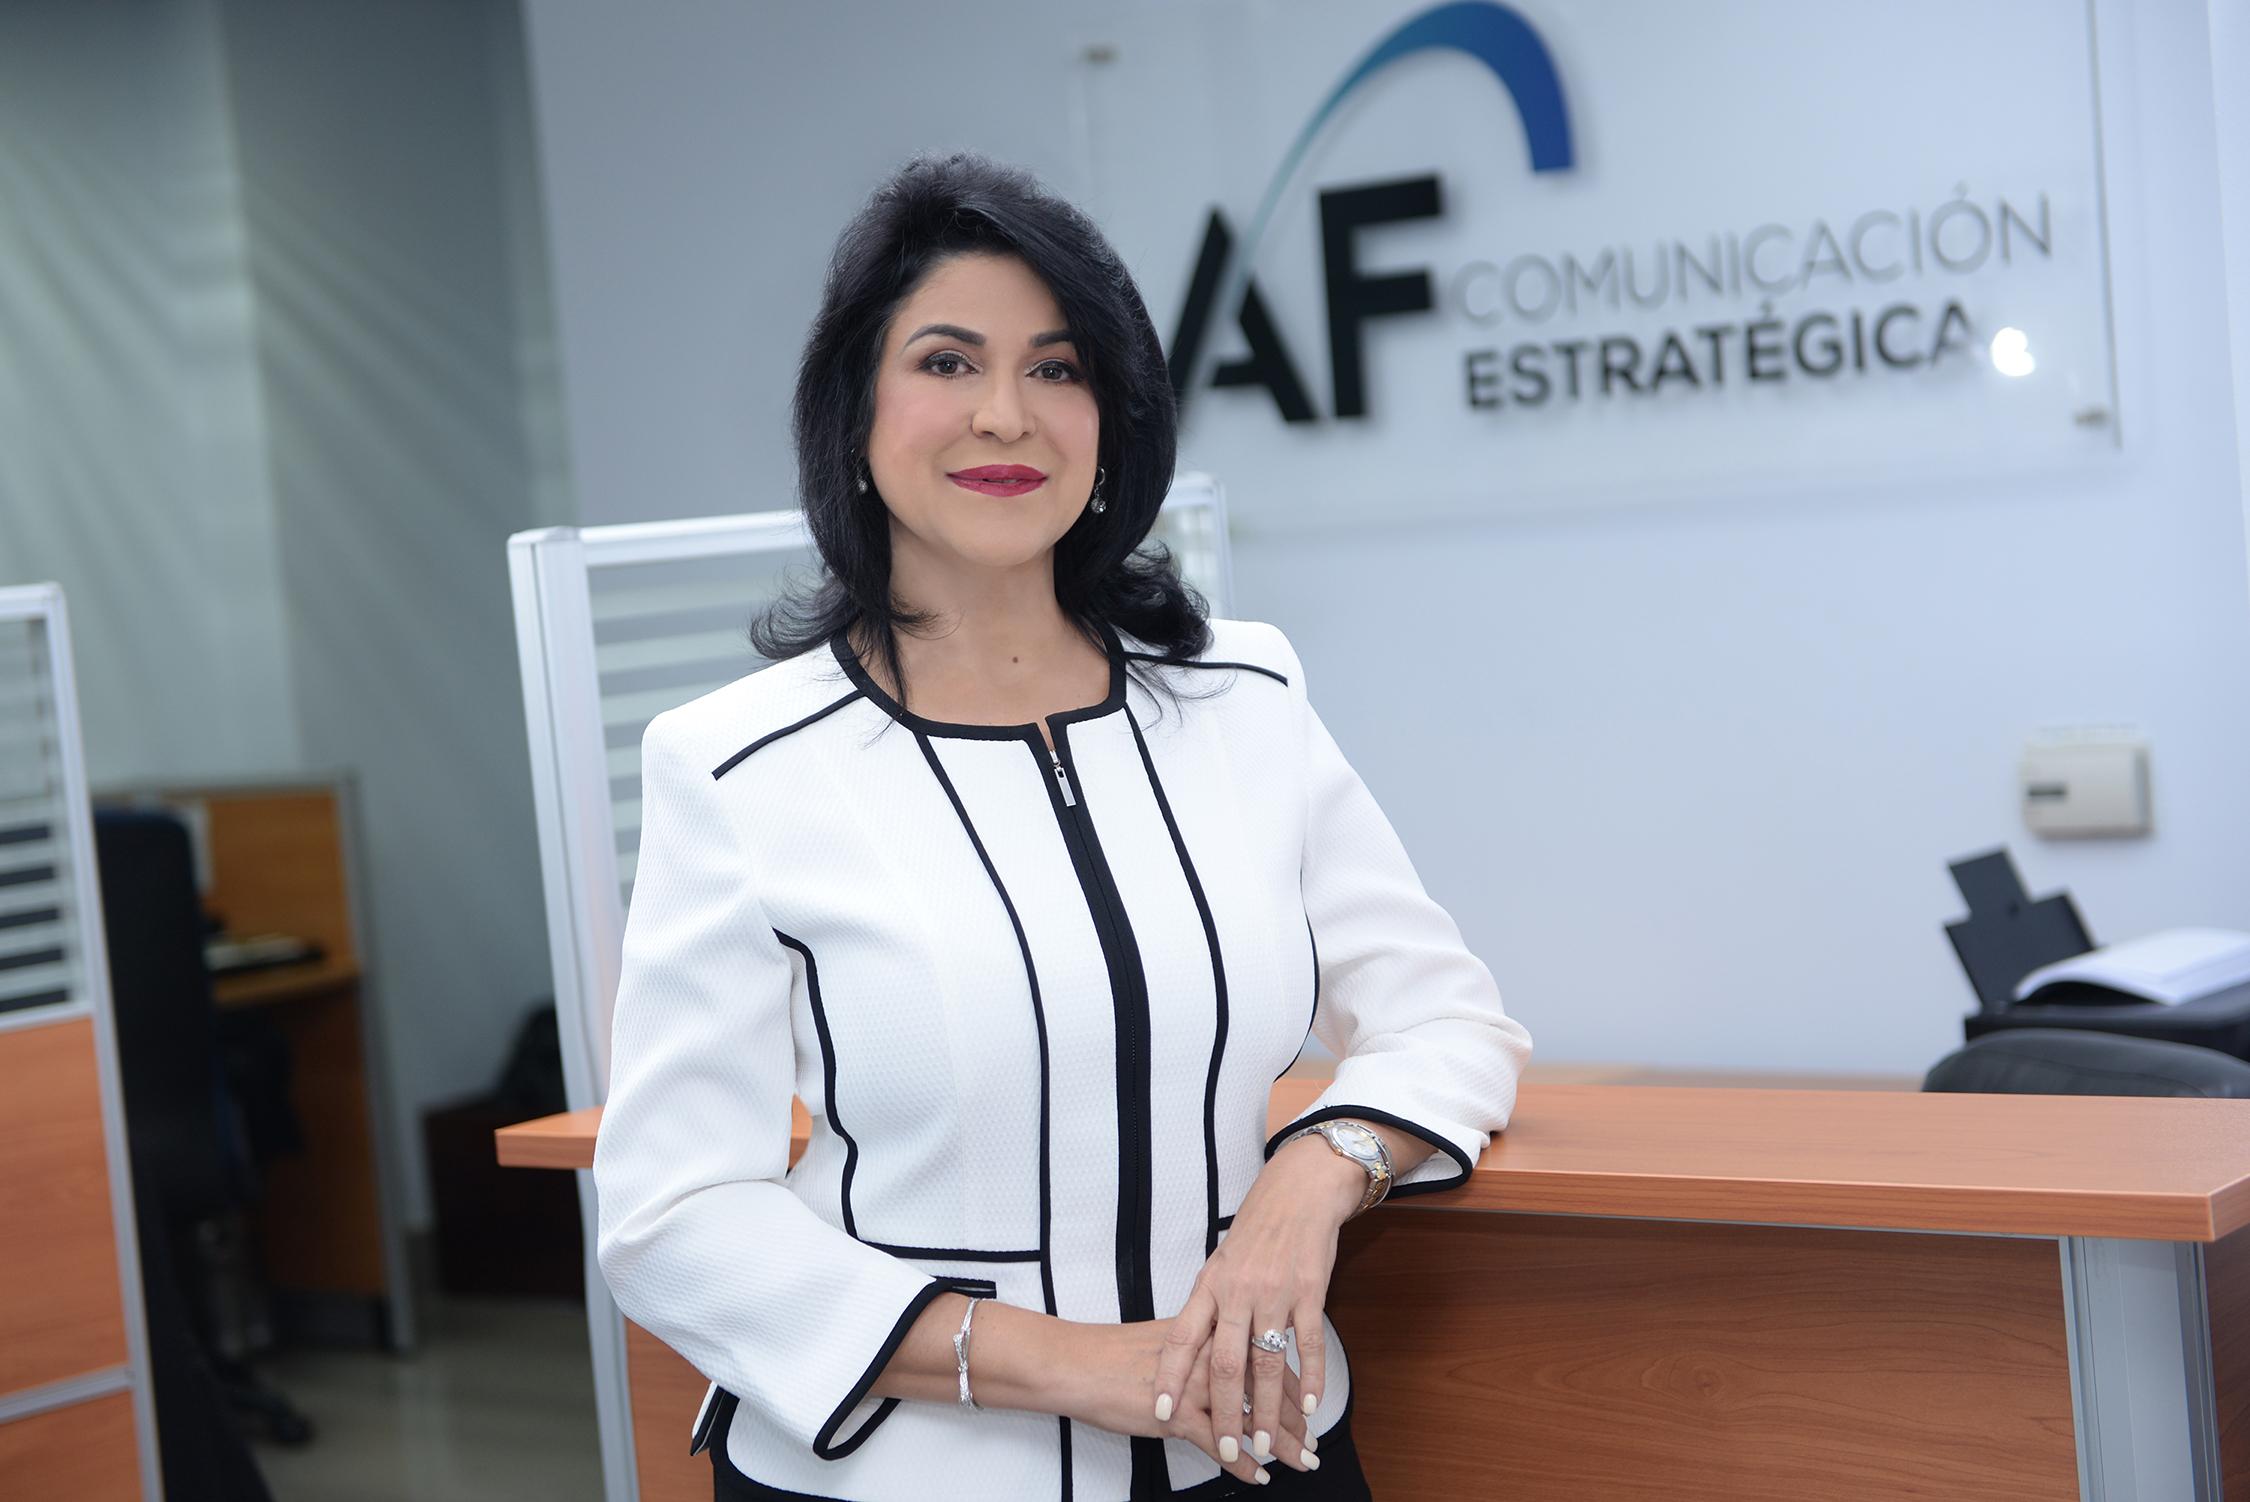 AF Comunicación Estratégica se integra a Worldcom Public Relations Group